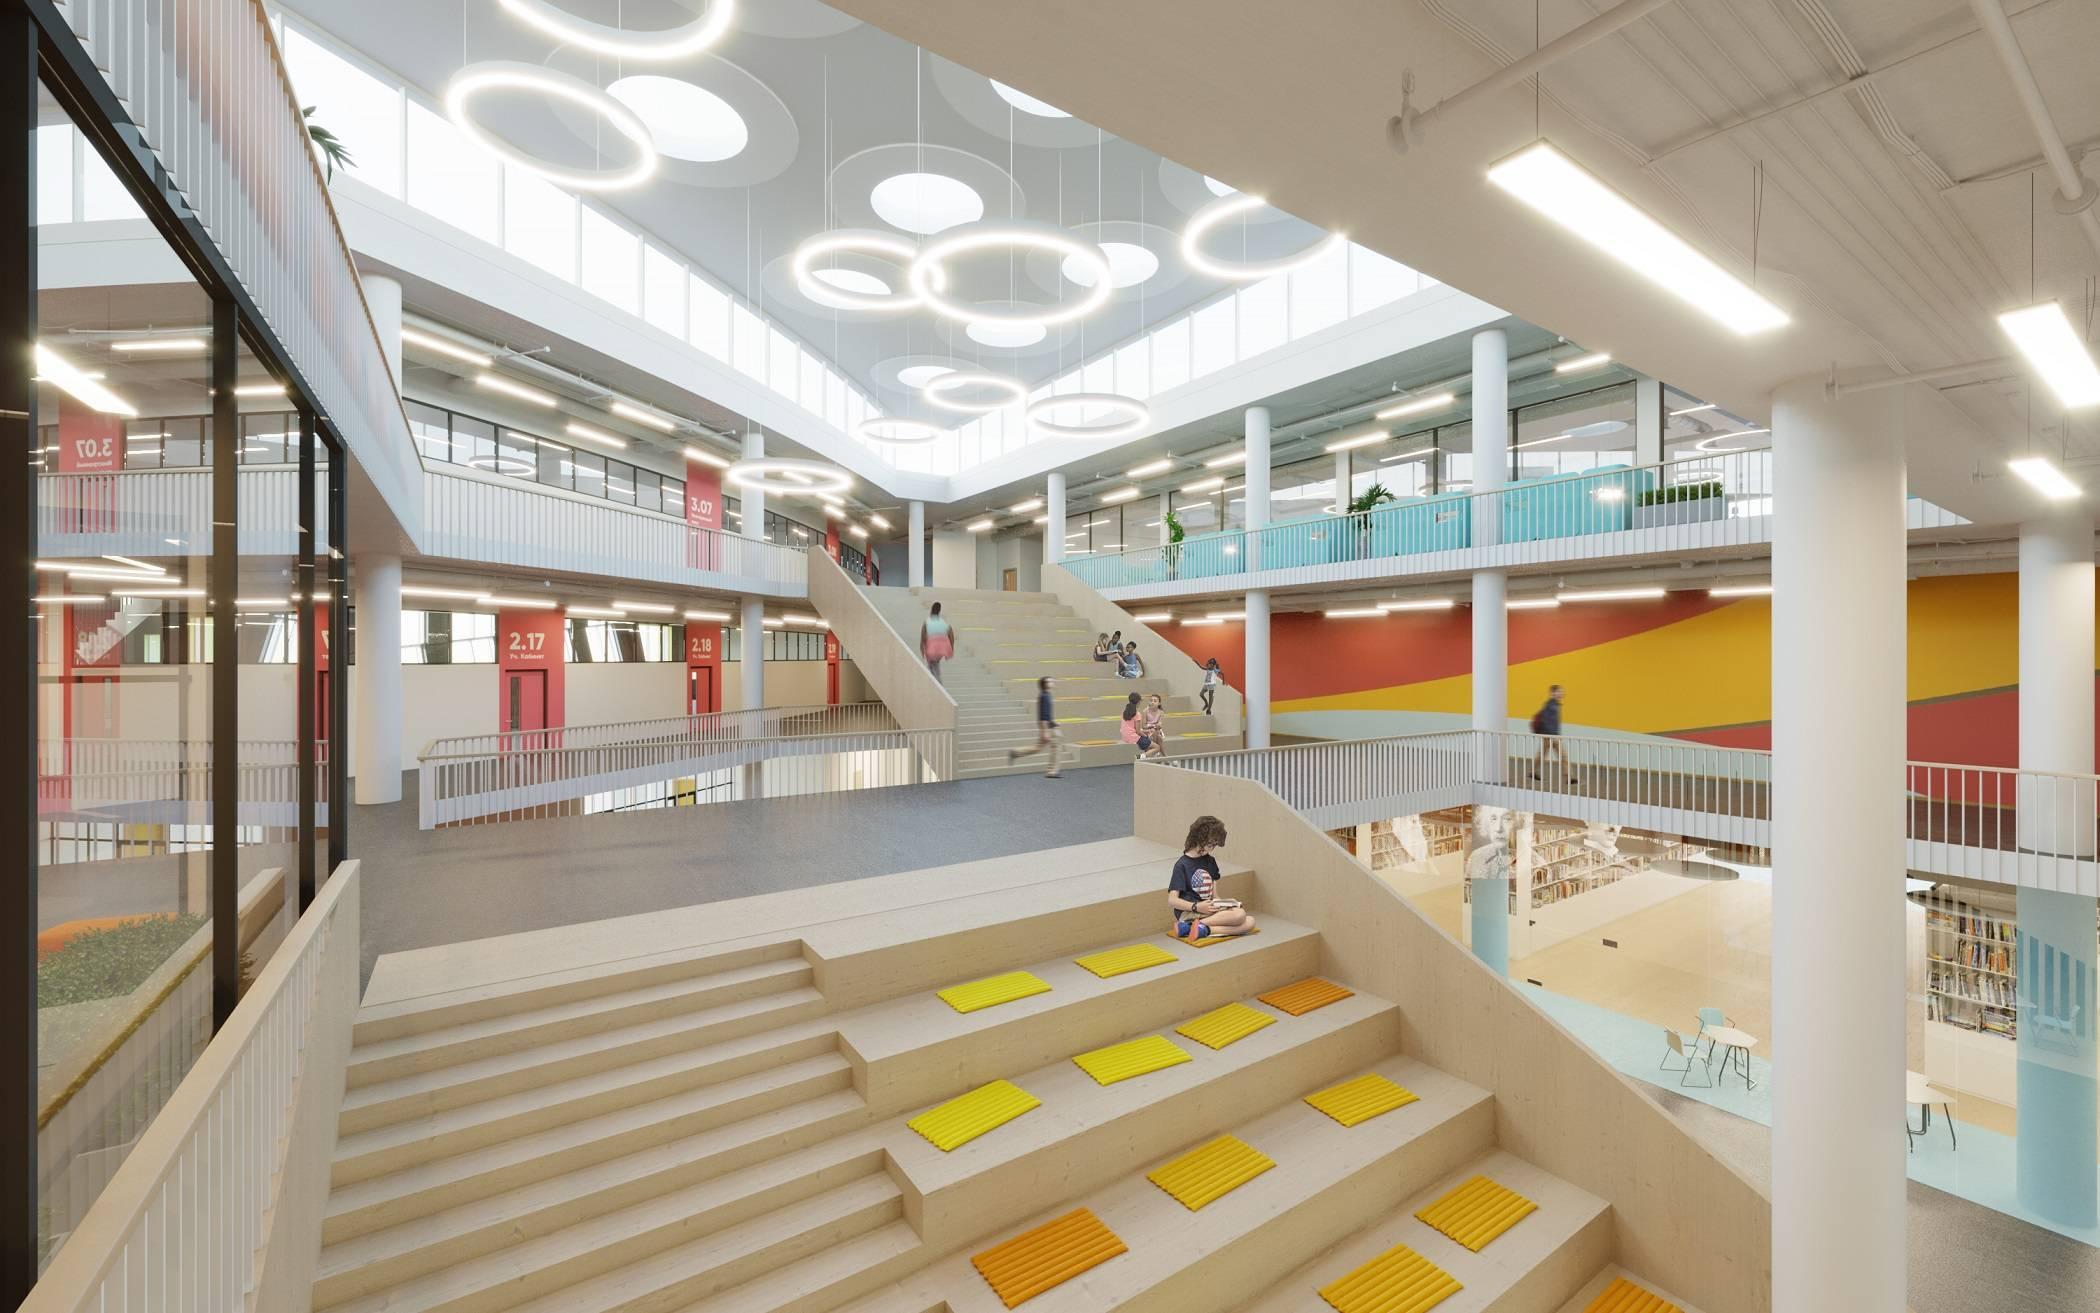 ГК «А101» построит в жилом районе «Испанские кварталы» образовательный центр с трёхэтажным амфитеатром